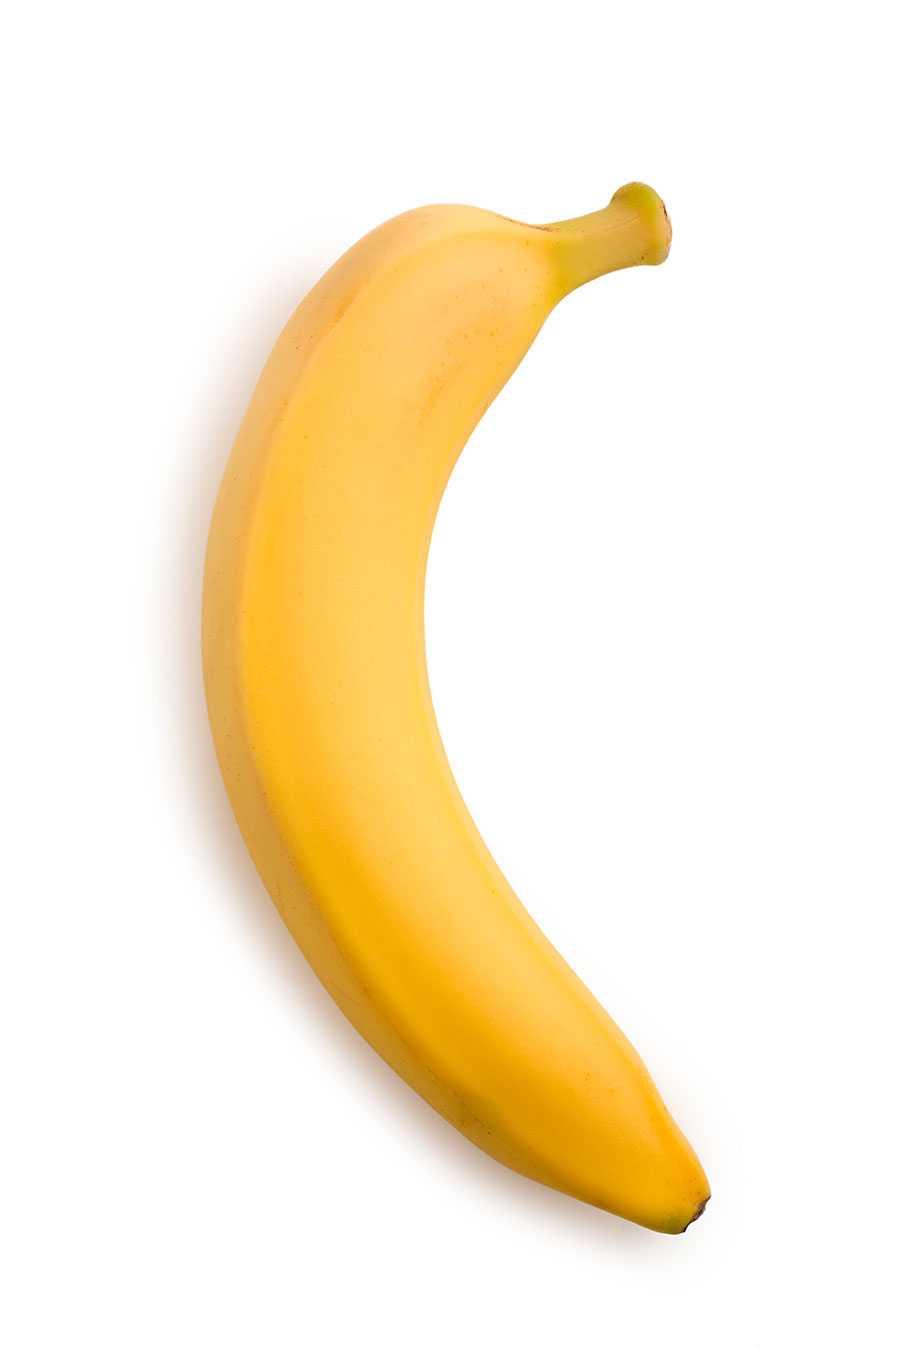 """6. """"Färsk frukt är  nyttigare än torkad"""" Nja Färsk frukt innehåller C-vitamin som till stor del försvinner om man torkar den. Även andra nyttiga oxidanter minskar när man torkar färsk frukt, men energimängden och de flesta näringsämnena består.  Forskare vid Pennington Biomedical Research Center genomförde för några  år sedan en studie där de jämförde torkad och färsk frukt i förhållande till  hur mycket antioxidanter den innehöll. Den torkade frukten gav en god  antioxiderande effekt även  om den var sämre per gram jämfört med den färska  frukten."""